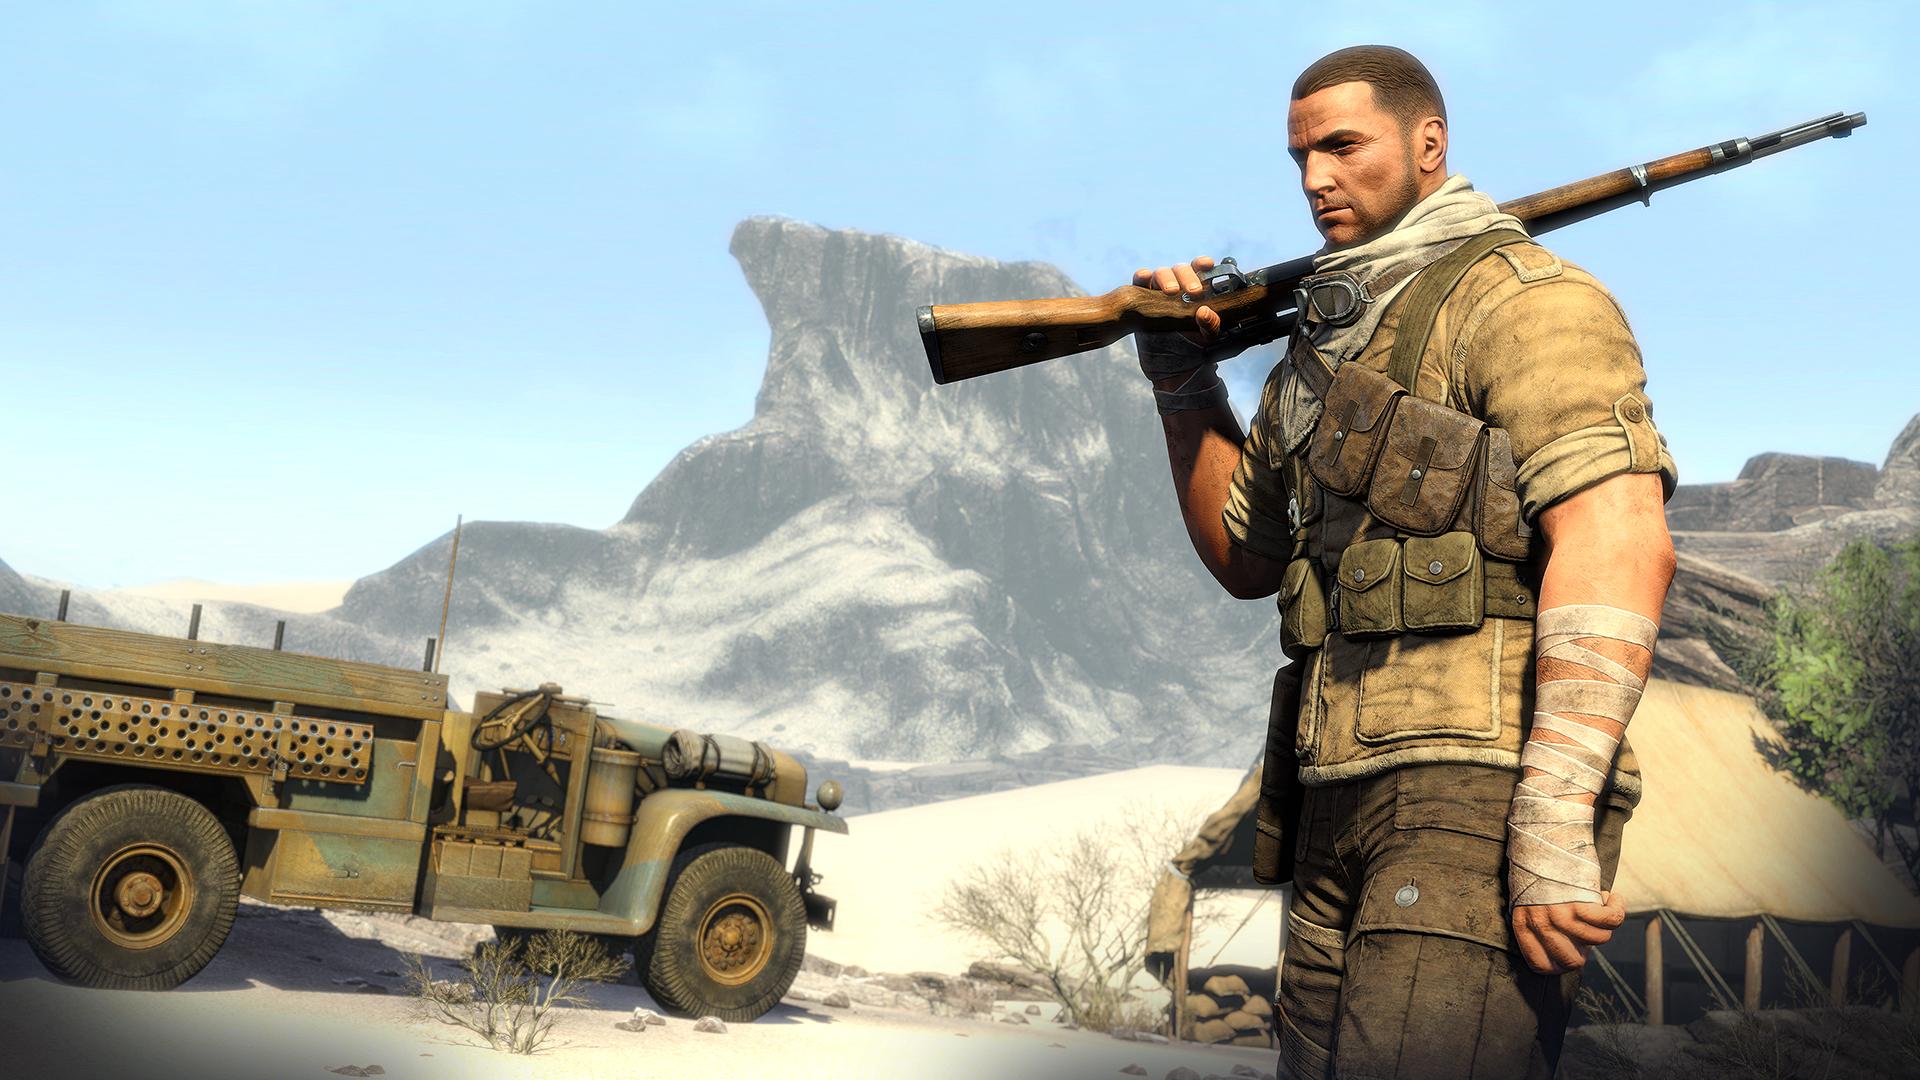 První gameplay záběry a obrázky ze Sniper Elite 3 93216